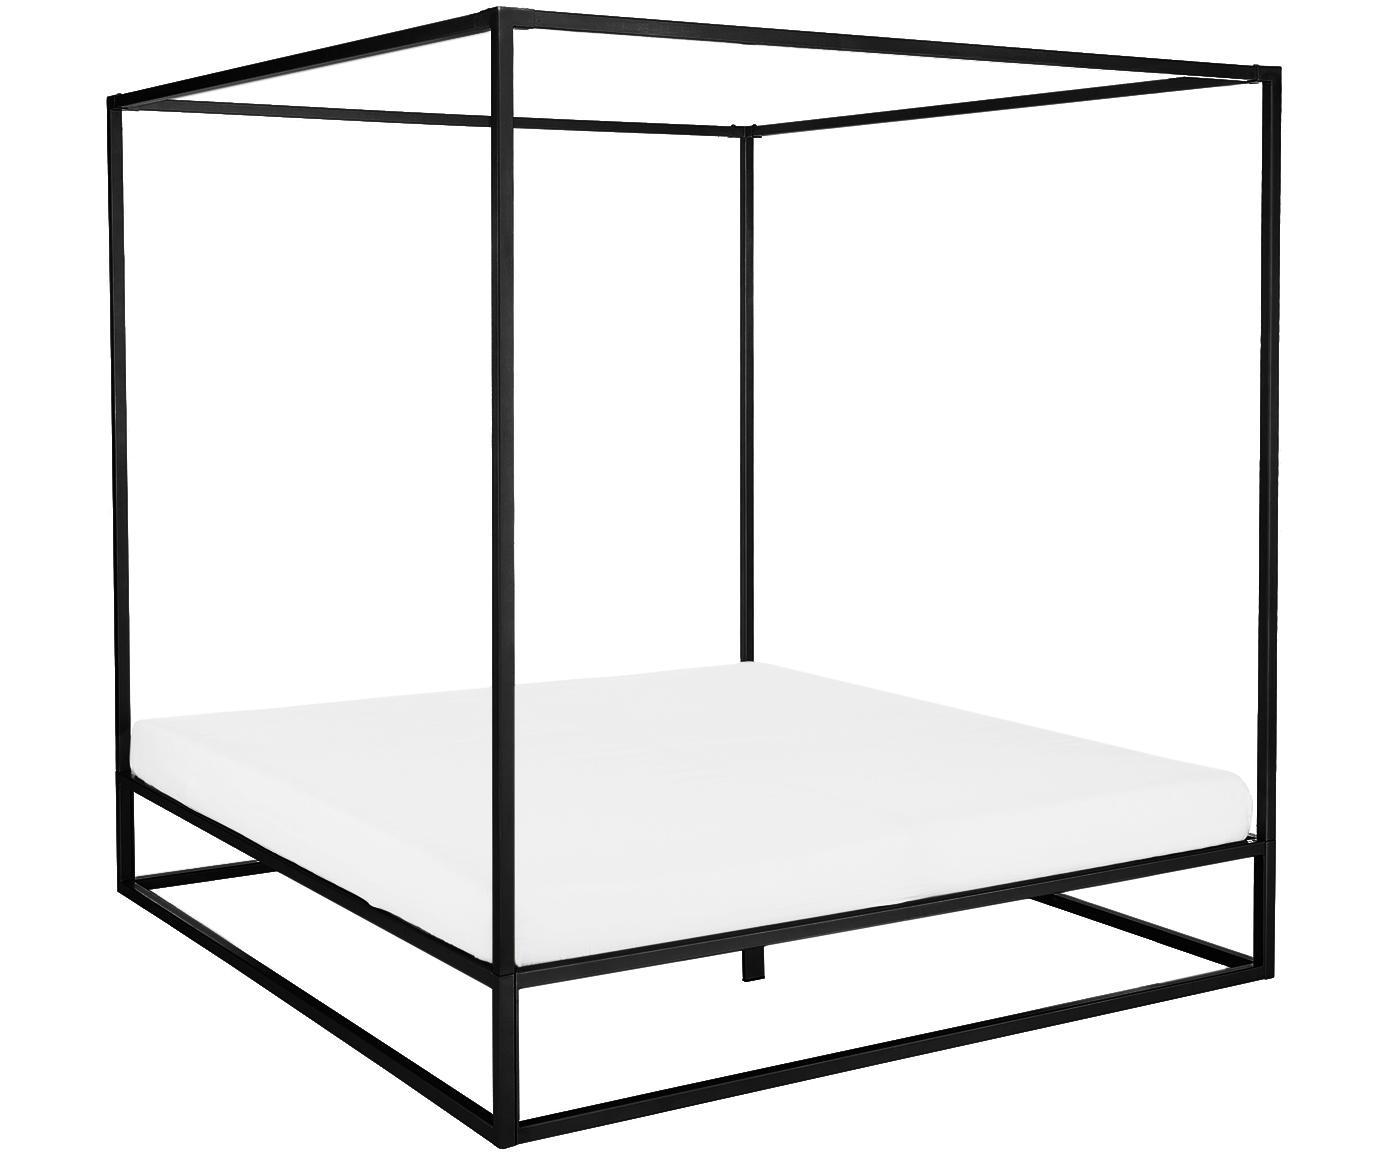 Cama con dosel Belle, Metal con pintura en polvo, Negro mate, 160 x 200 cm